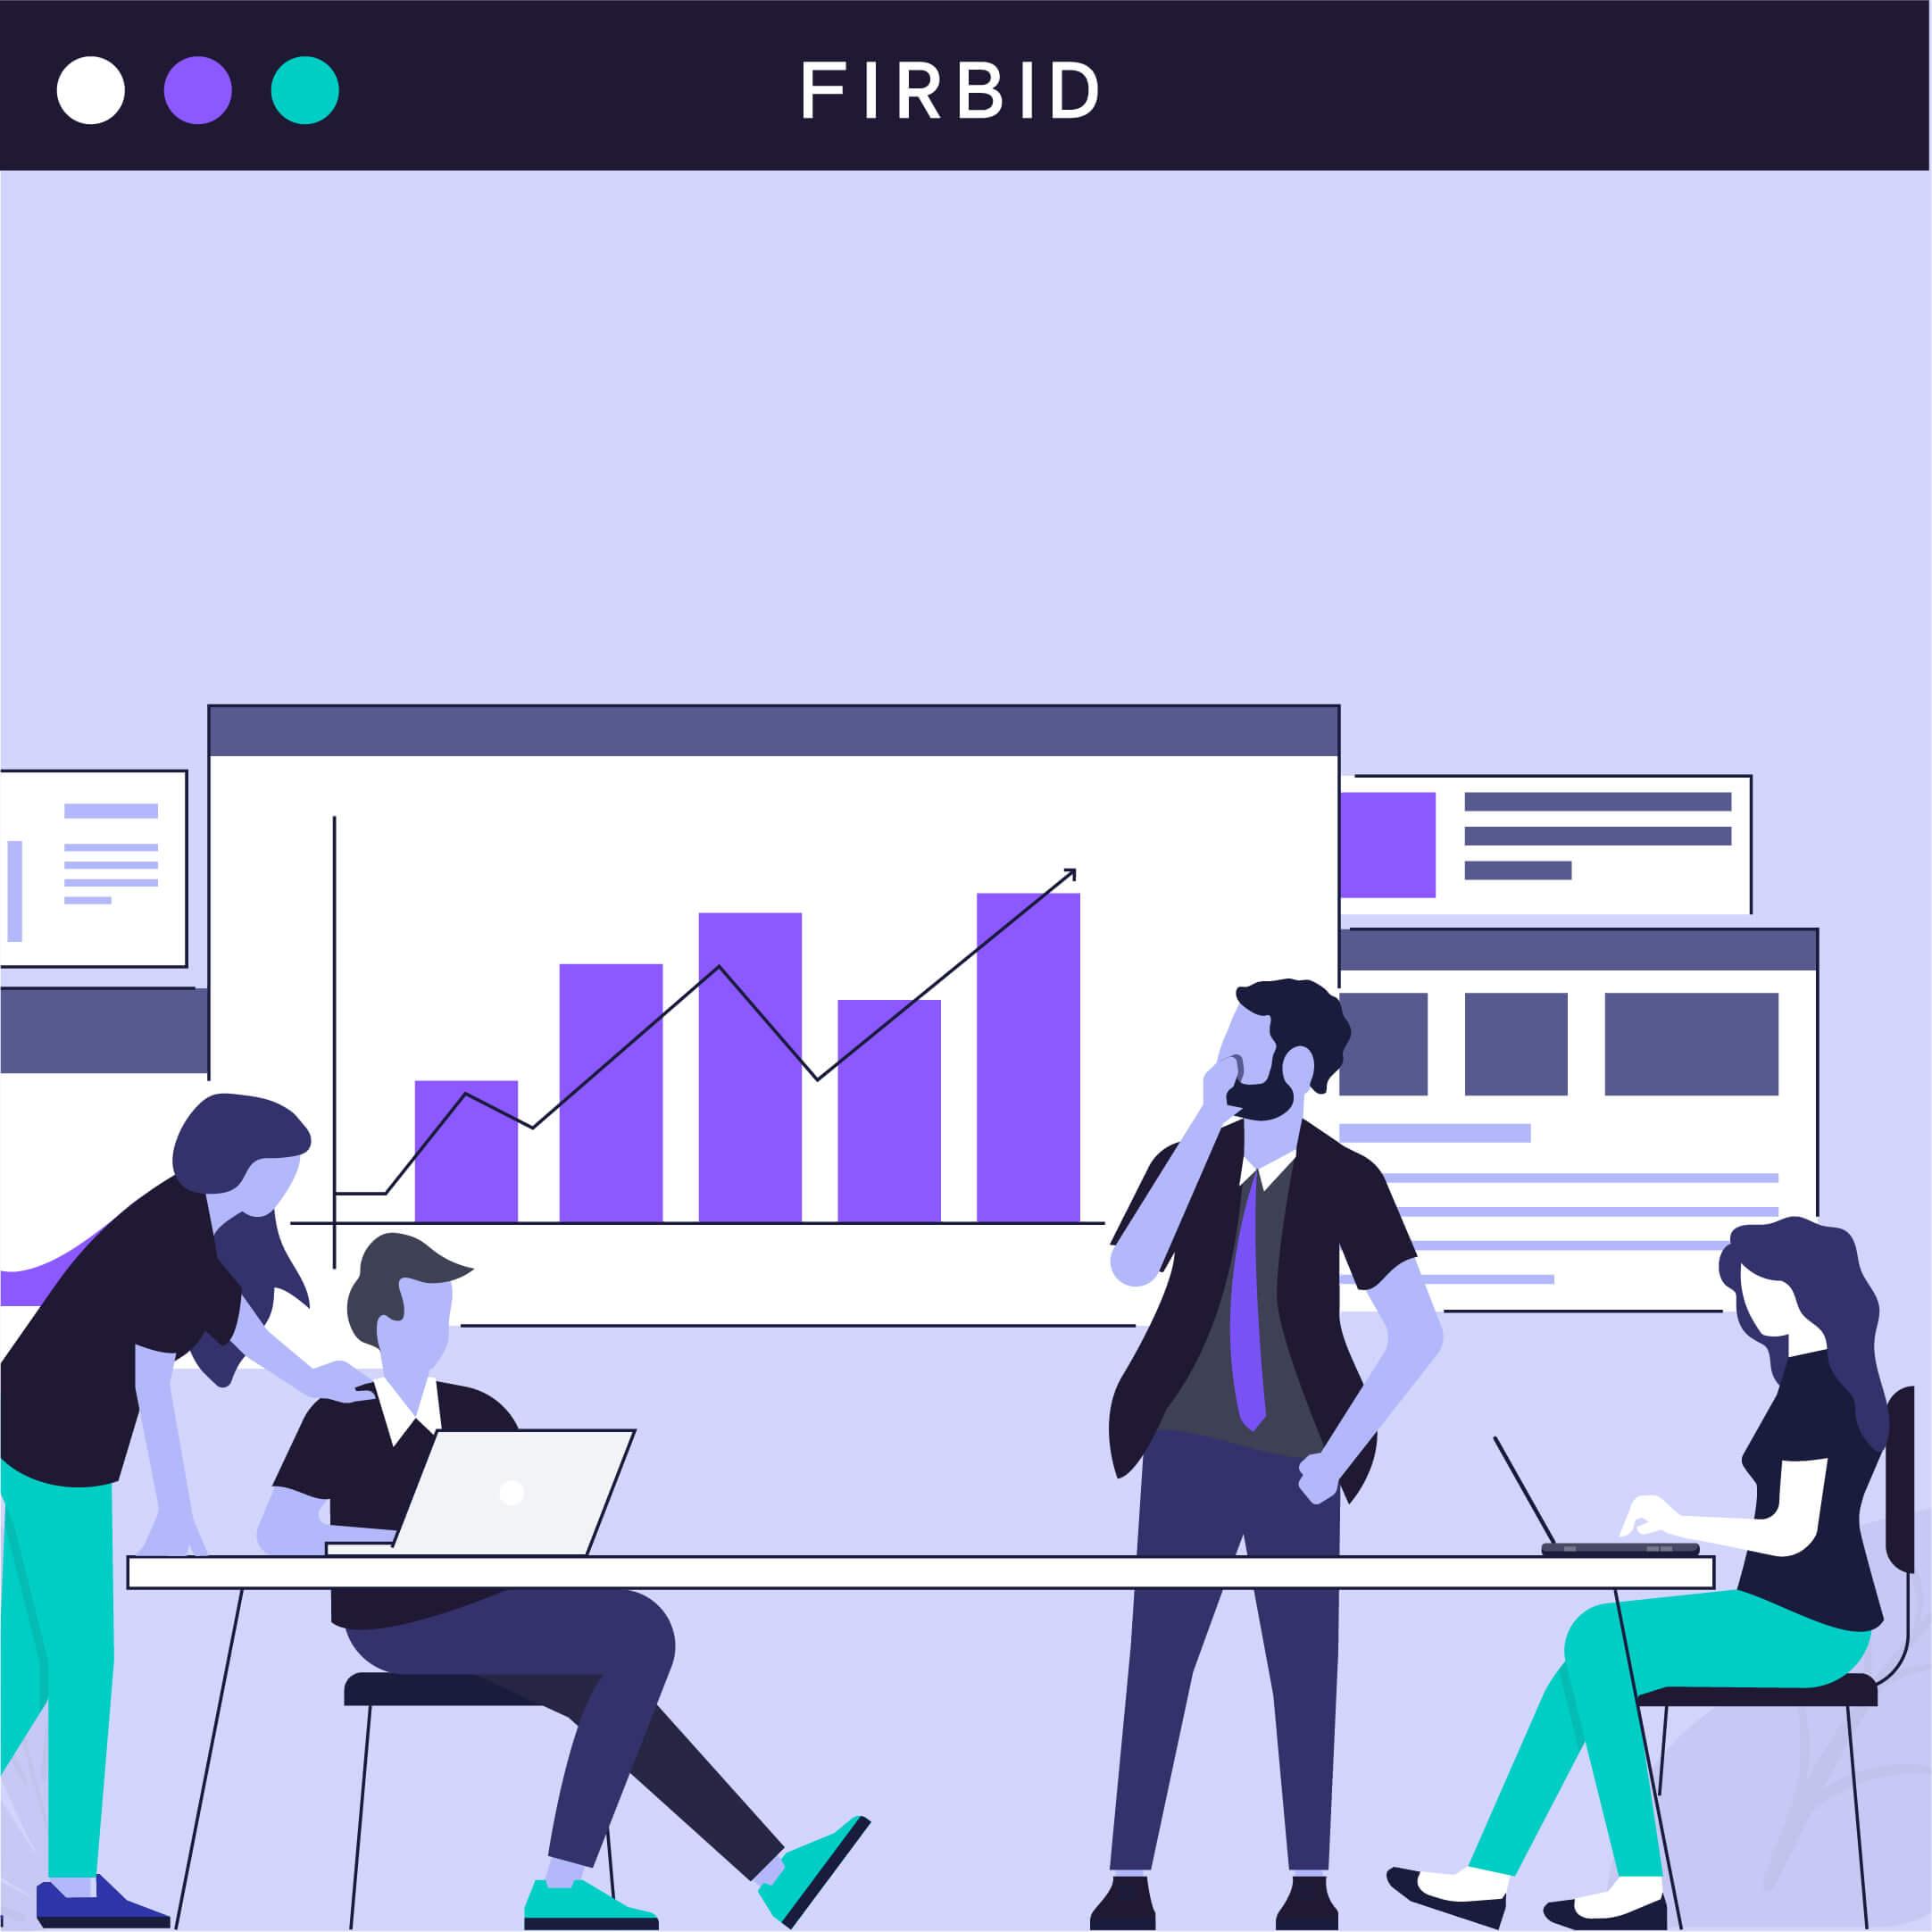 Diseño de Ilustraciones para Sitio Web - Firbid